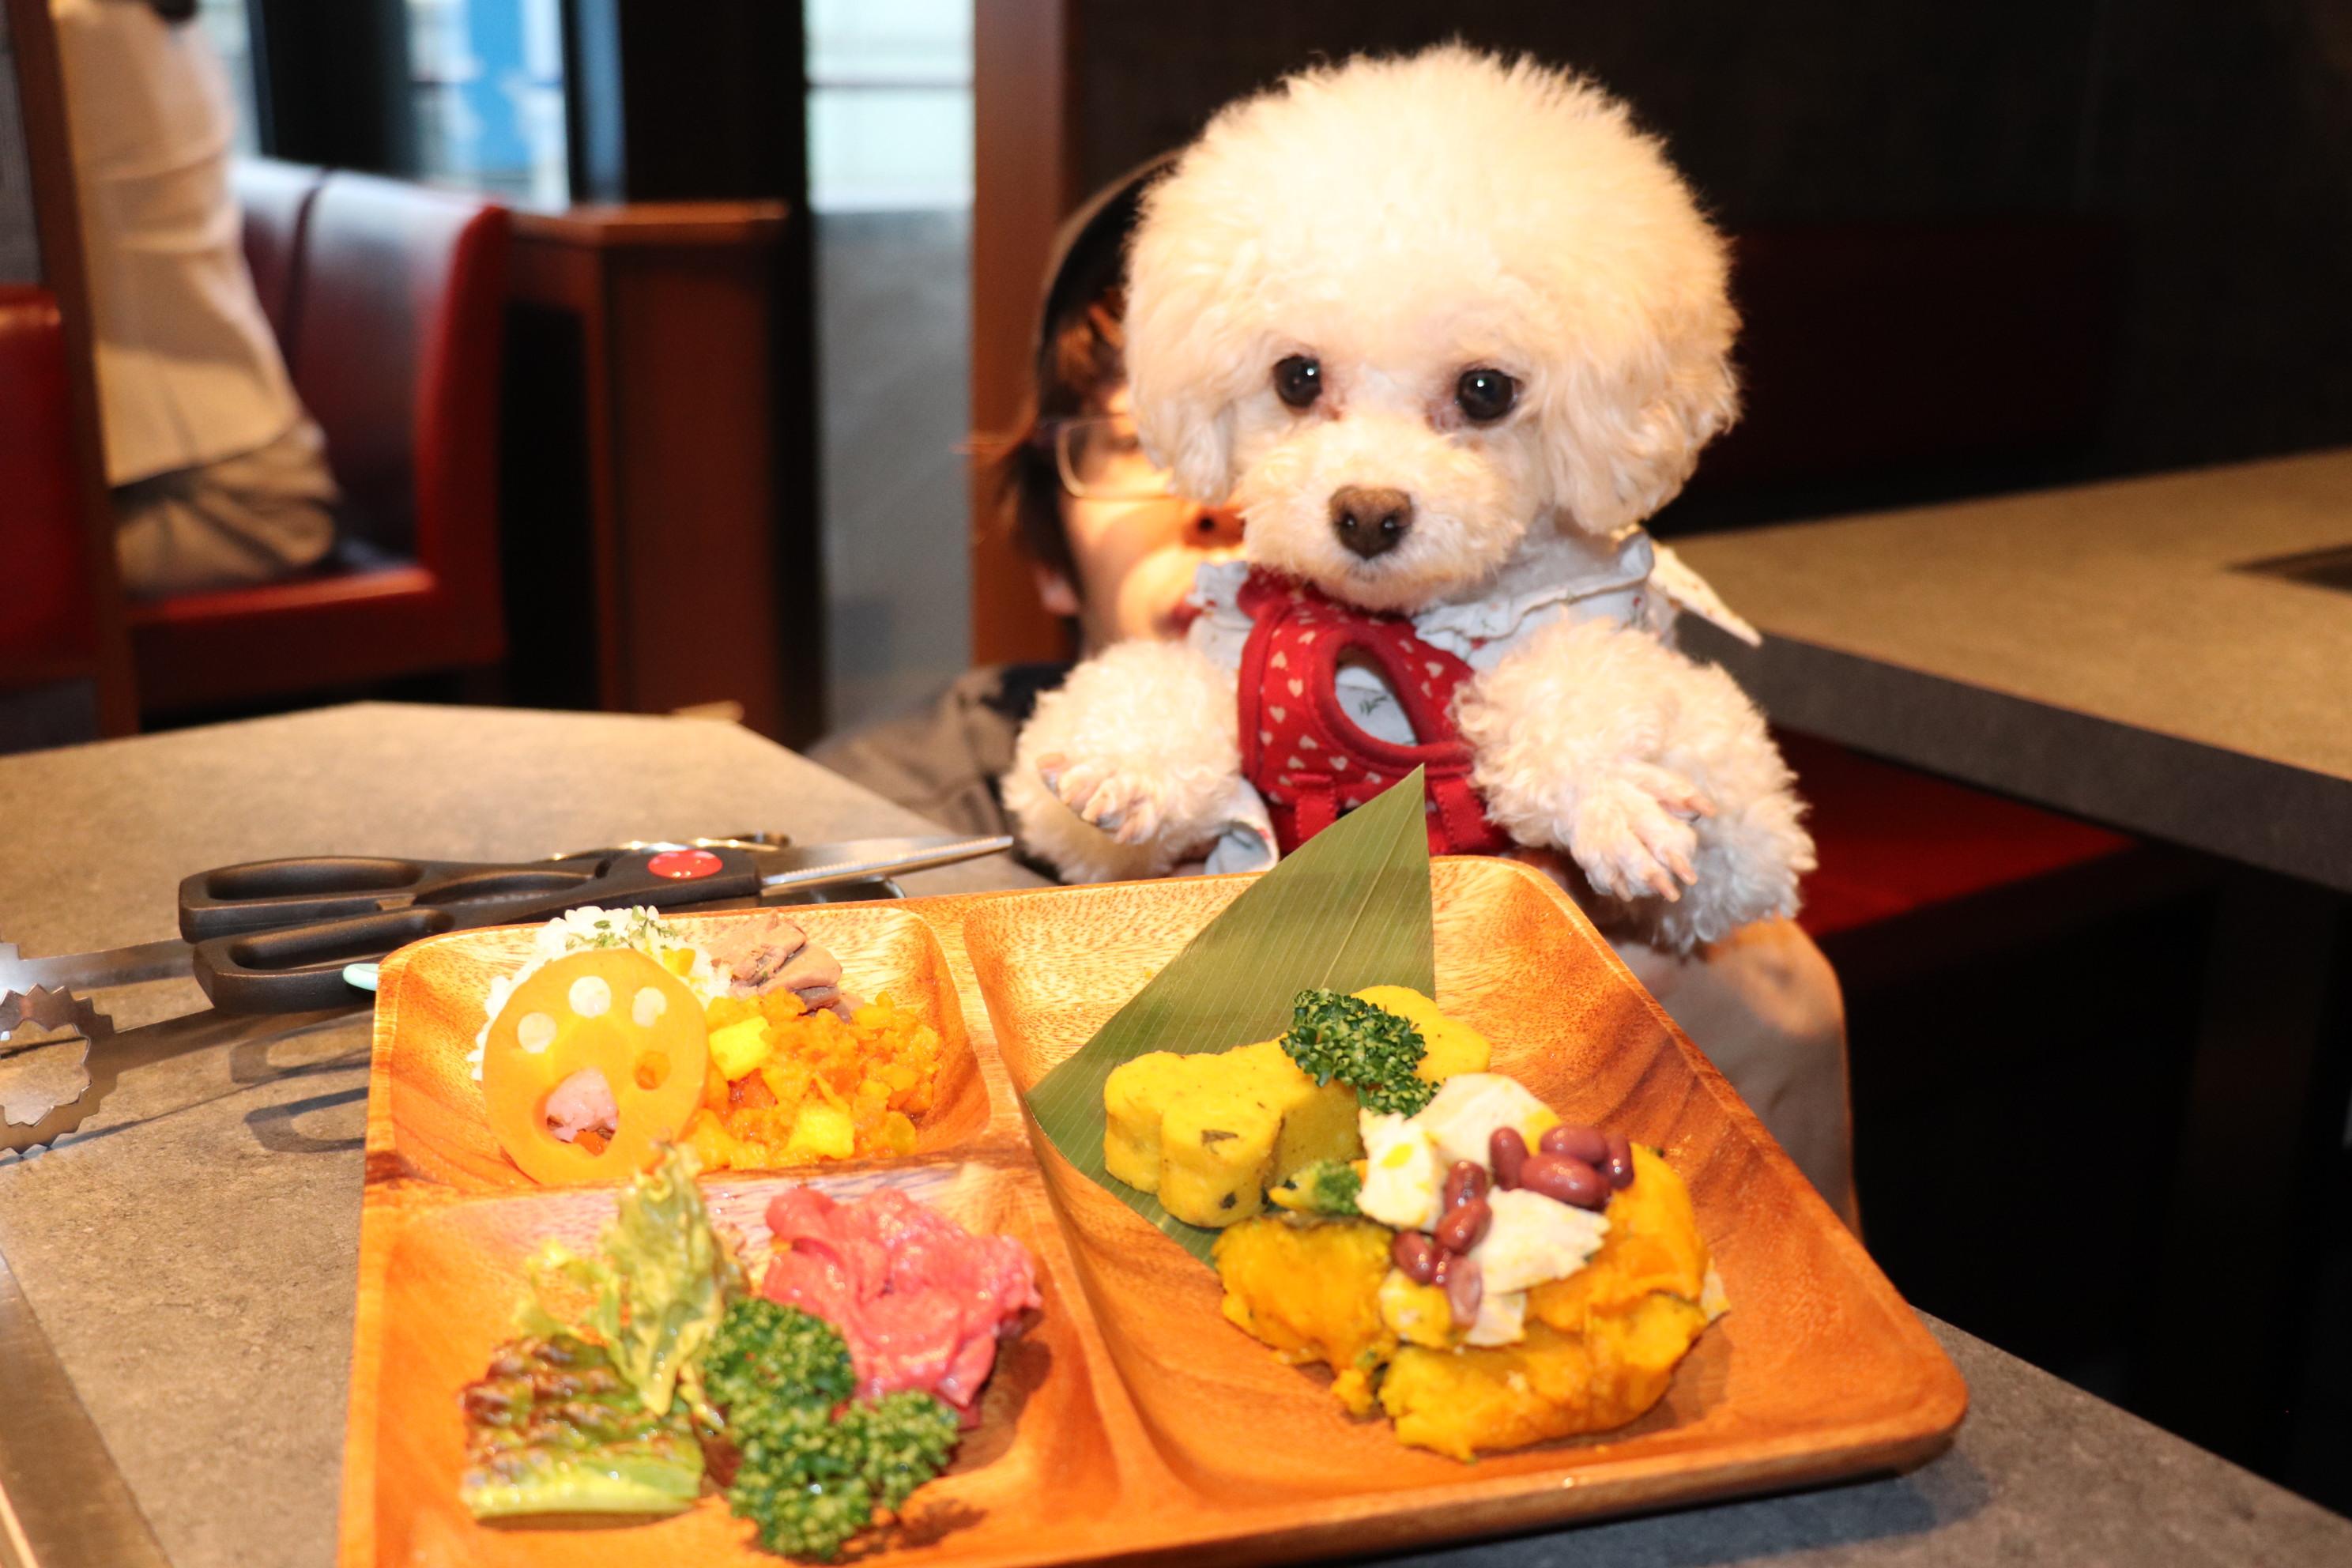 愛犬と一緒に行くことができる焼肉レストラン!本日、牛たんうしすけが吉祥寺にオープン!